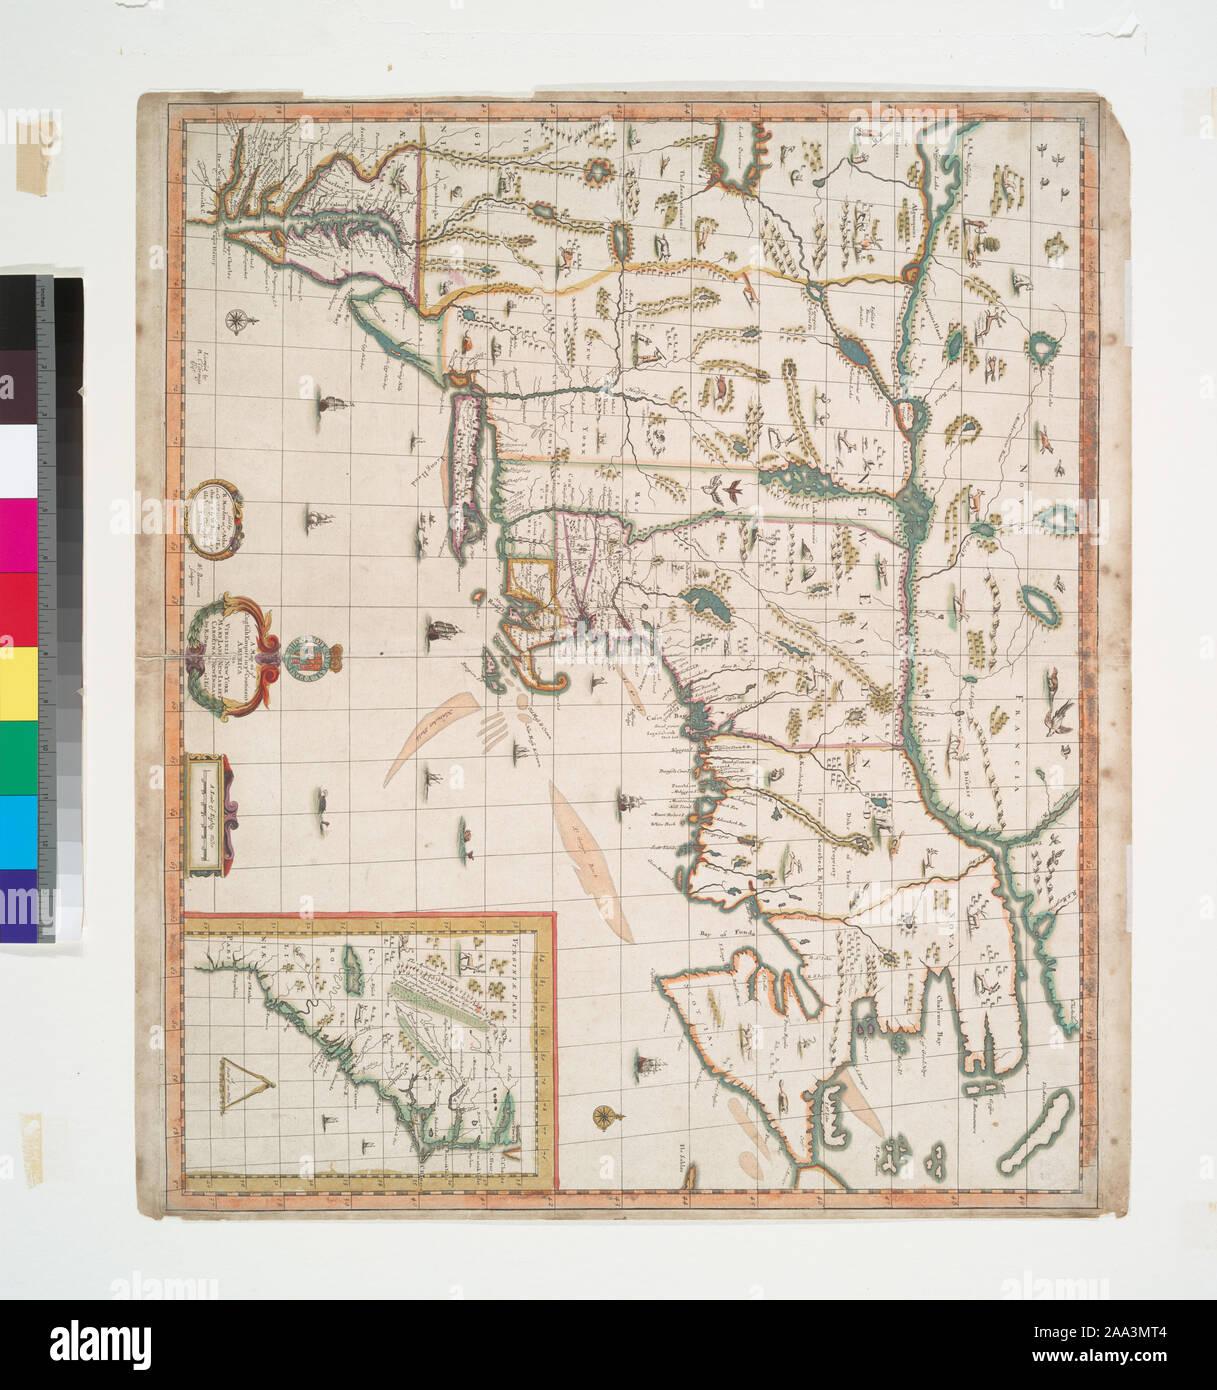 Stokes P 1678 B 31 Imprimer Egalement Publie A Londres Par William Berry Contenu De L